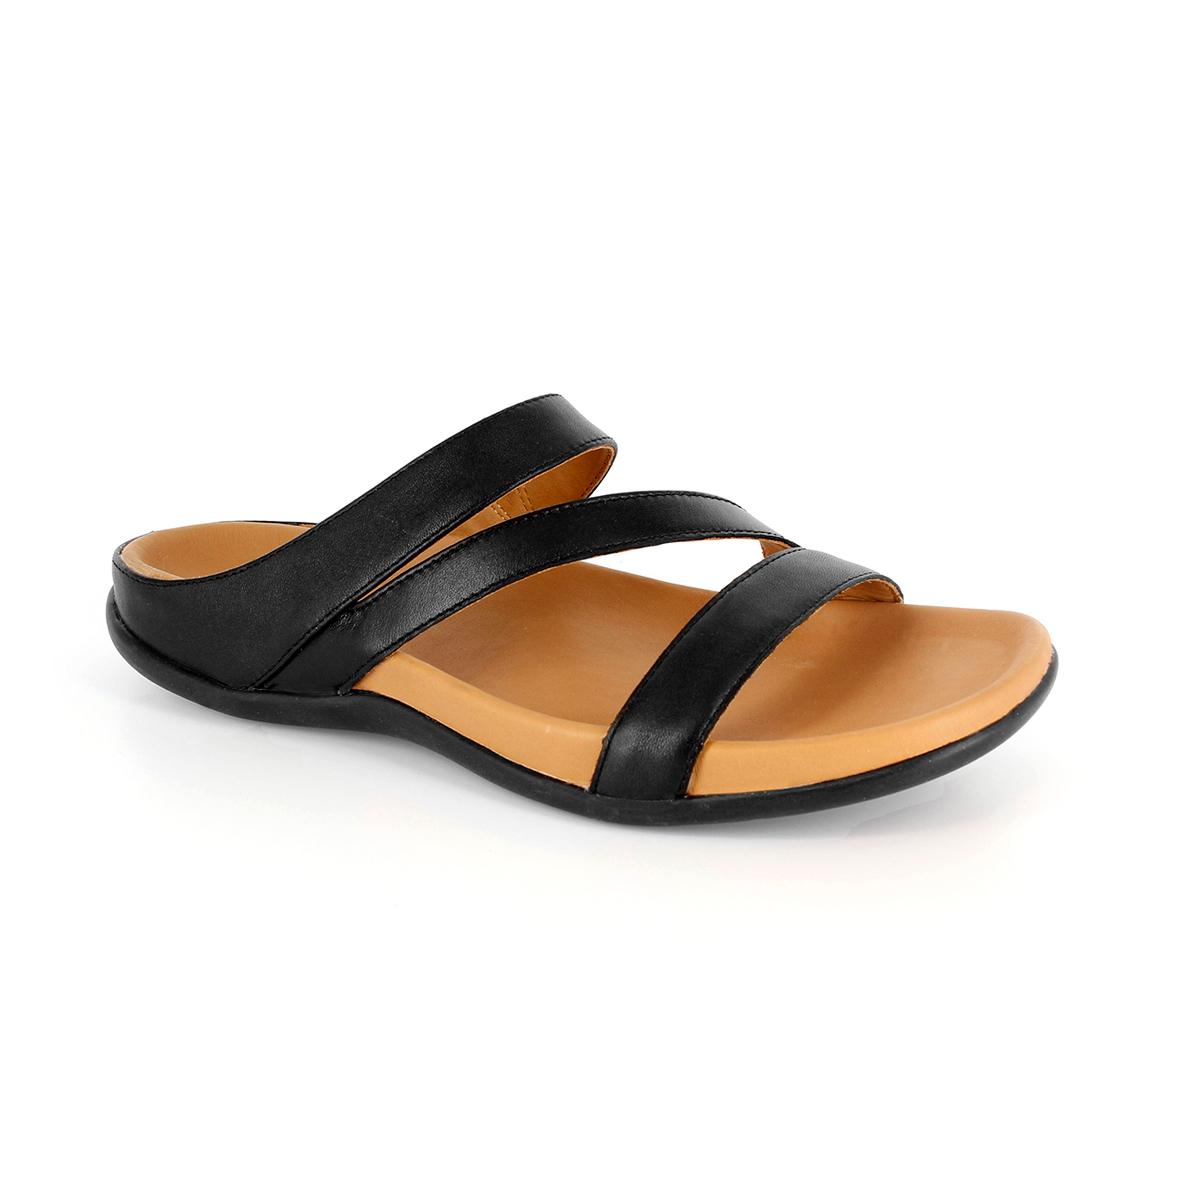 スニーカー感覚で歩き回れる「サンダル」|TRIO / UK3(22-22.5cm) 独自開発の立体インソールで、スニーカーみたいに歩き回れる「サンダル」|strive